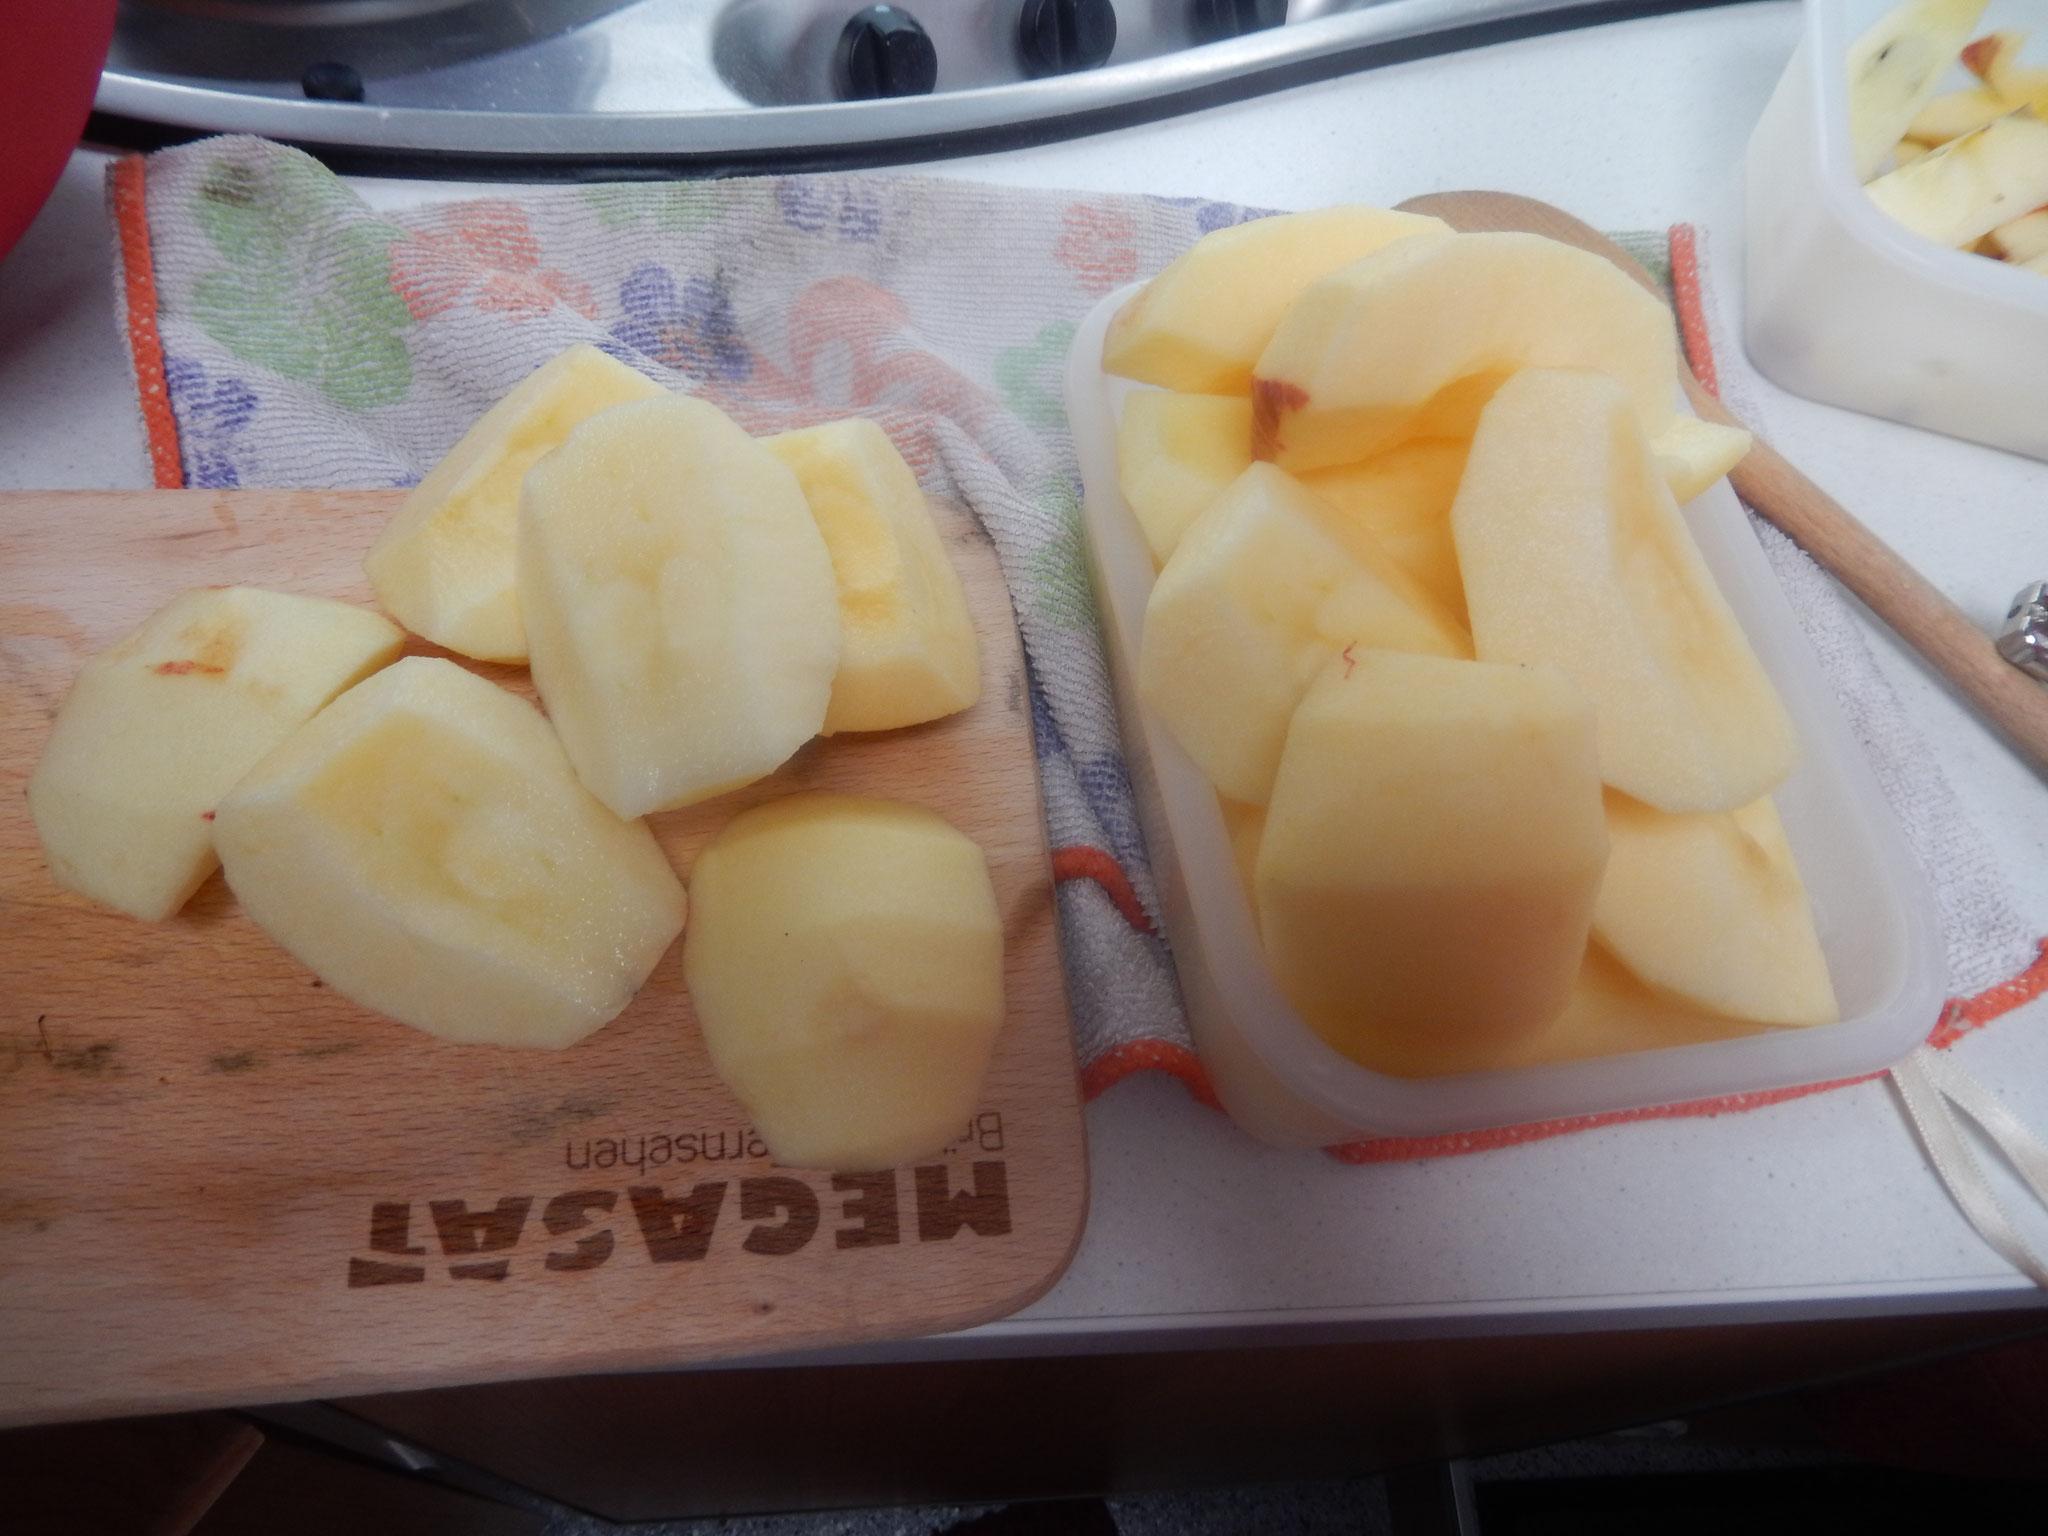 äpfel wurden in Stücke geschnitten